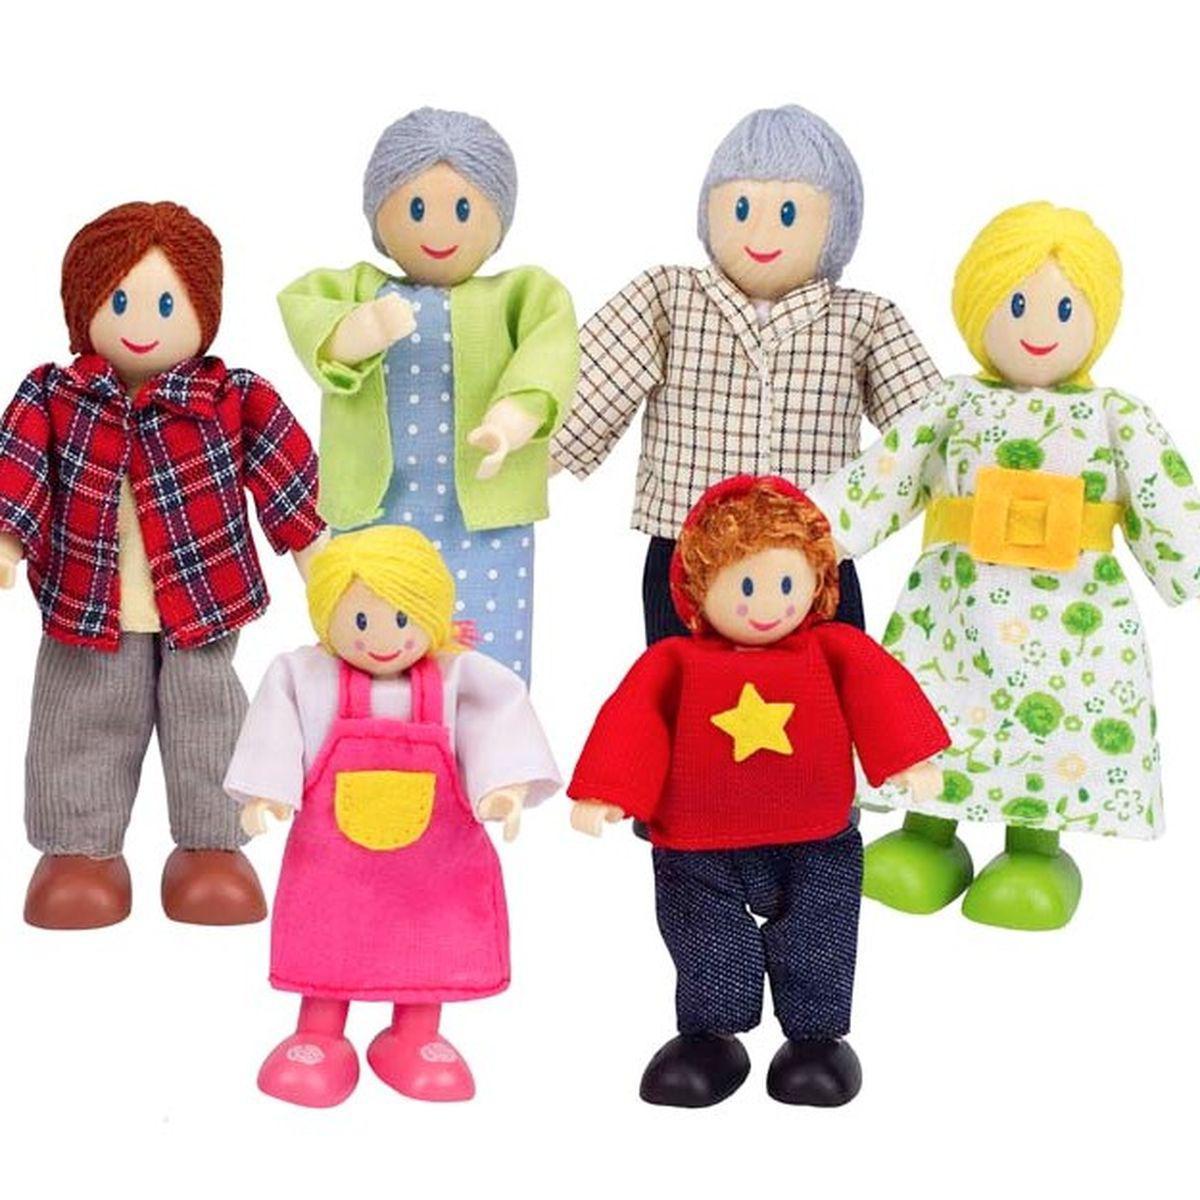 Accessoires maison de poupées famille HAPPY FAMILY Hape